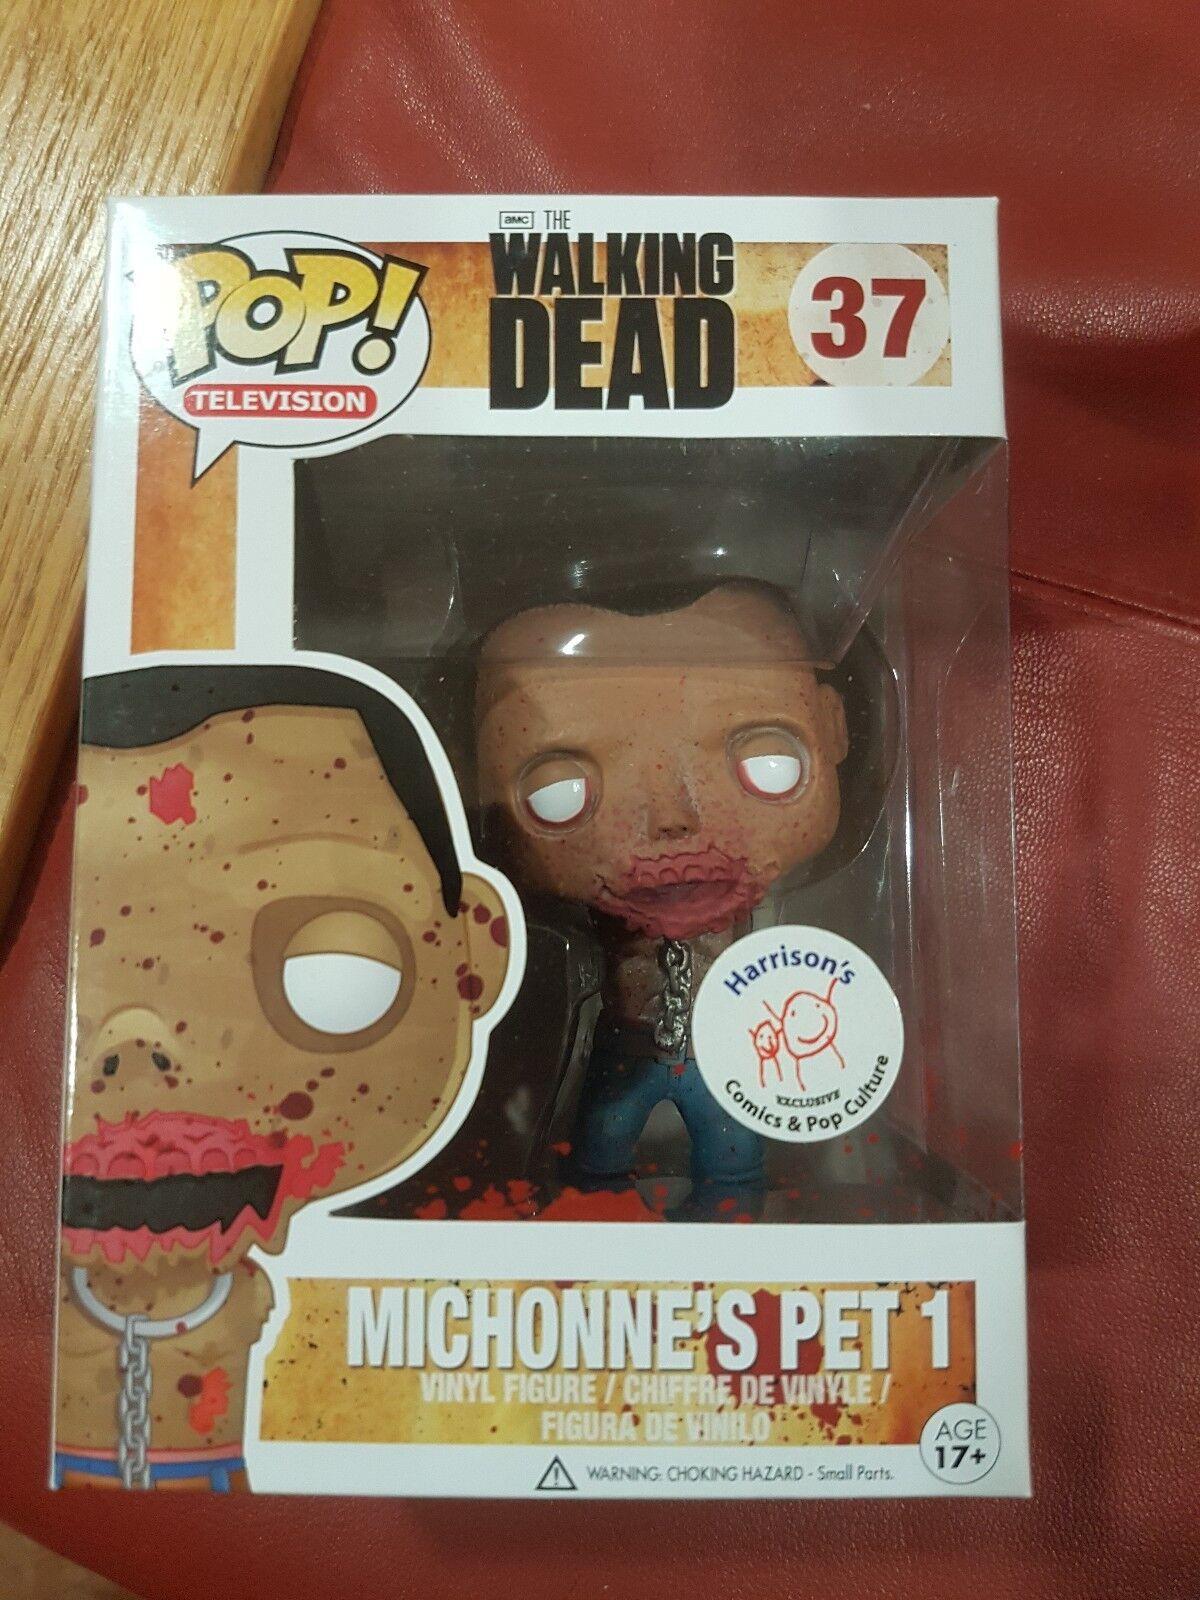 Walking dead FUNKO POP Harrison's Comics sanglante Exclusive Michonne's pet 1  37